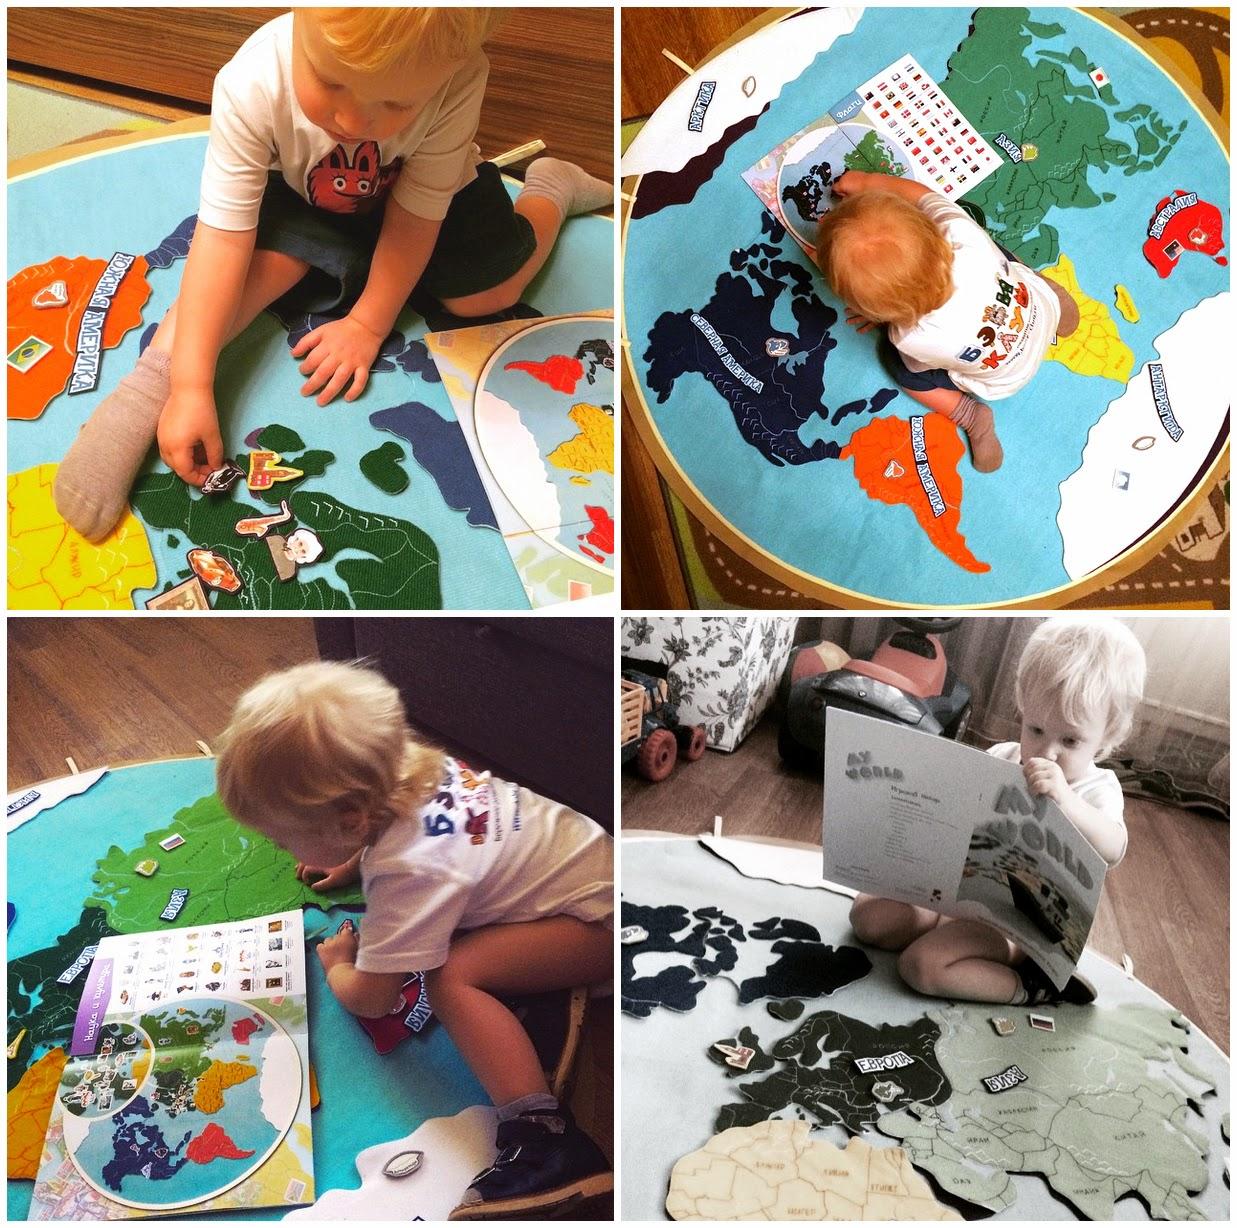 развивающая игра, география для детей, детская география, карта мира, карта мира для детей, мелкая моторика, сенссорика, чем занять ребенка, Мария Мантессори,  Велкроткань, фетр, танины рукодельности, эксклюзивные игрушки, книжка развивайка, тихая книга, развивающая книжка, путешествия, приключения, дошкольное развитие, стильные игрушки, лучший подарок